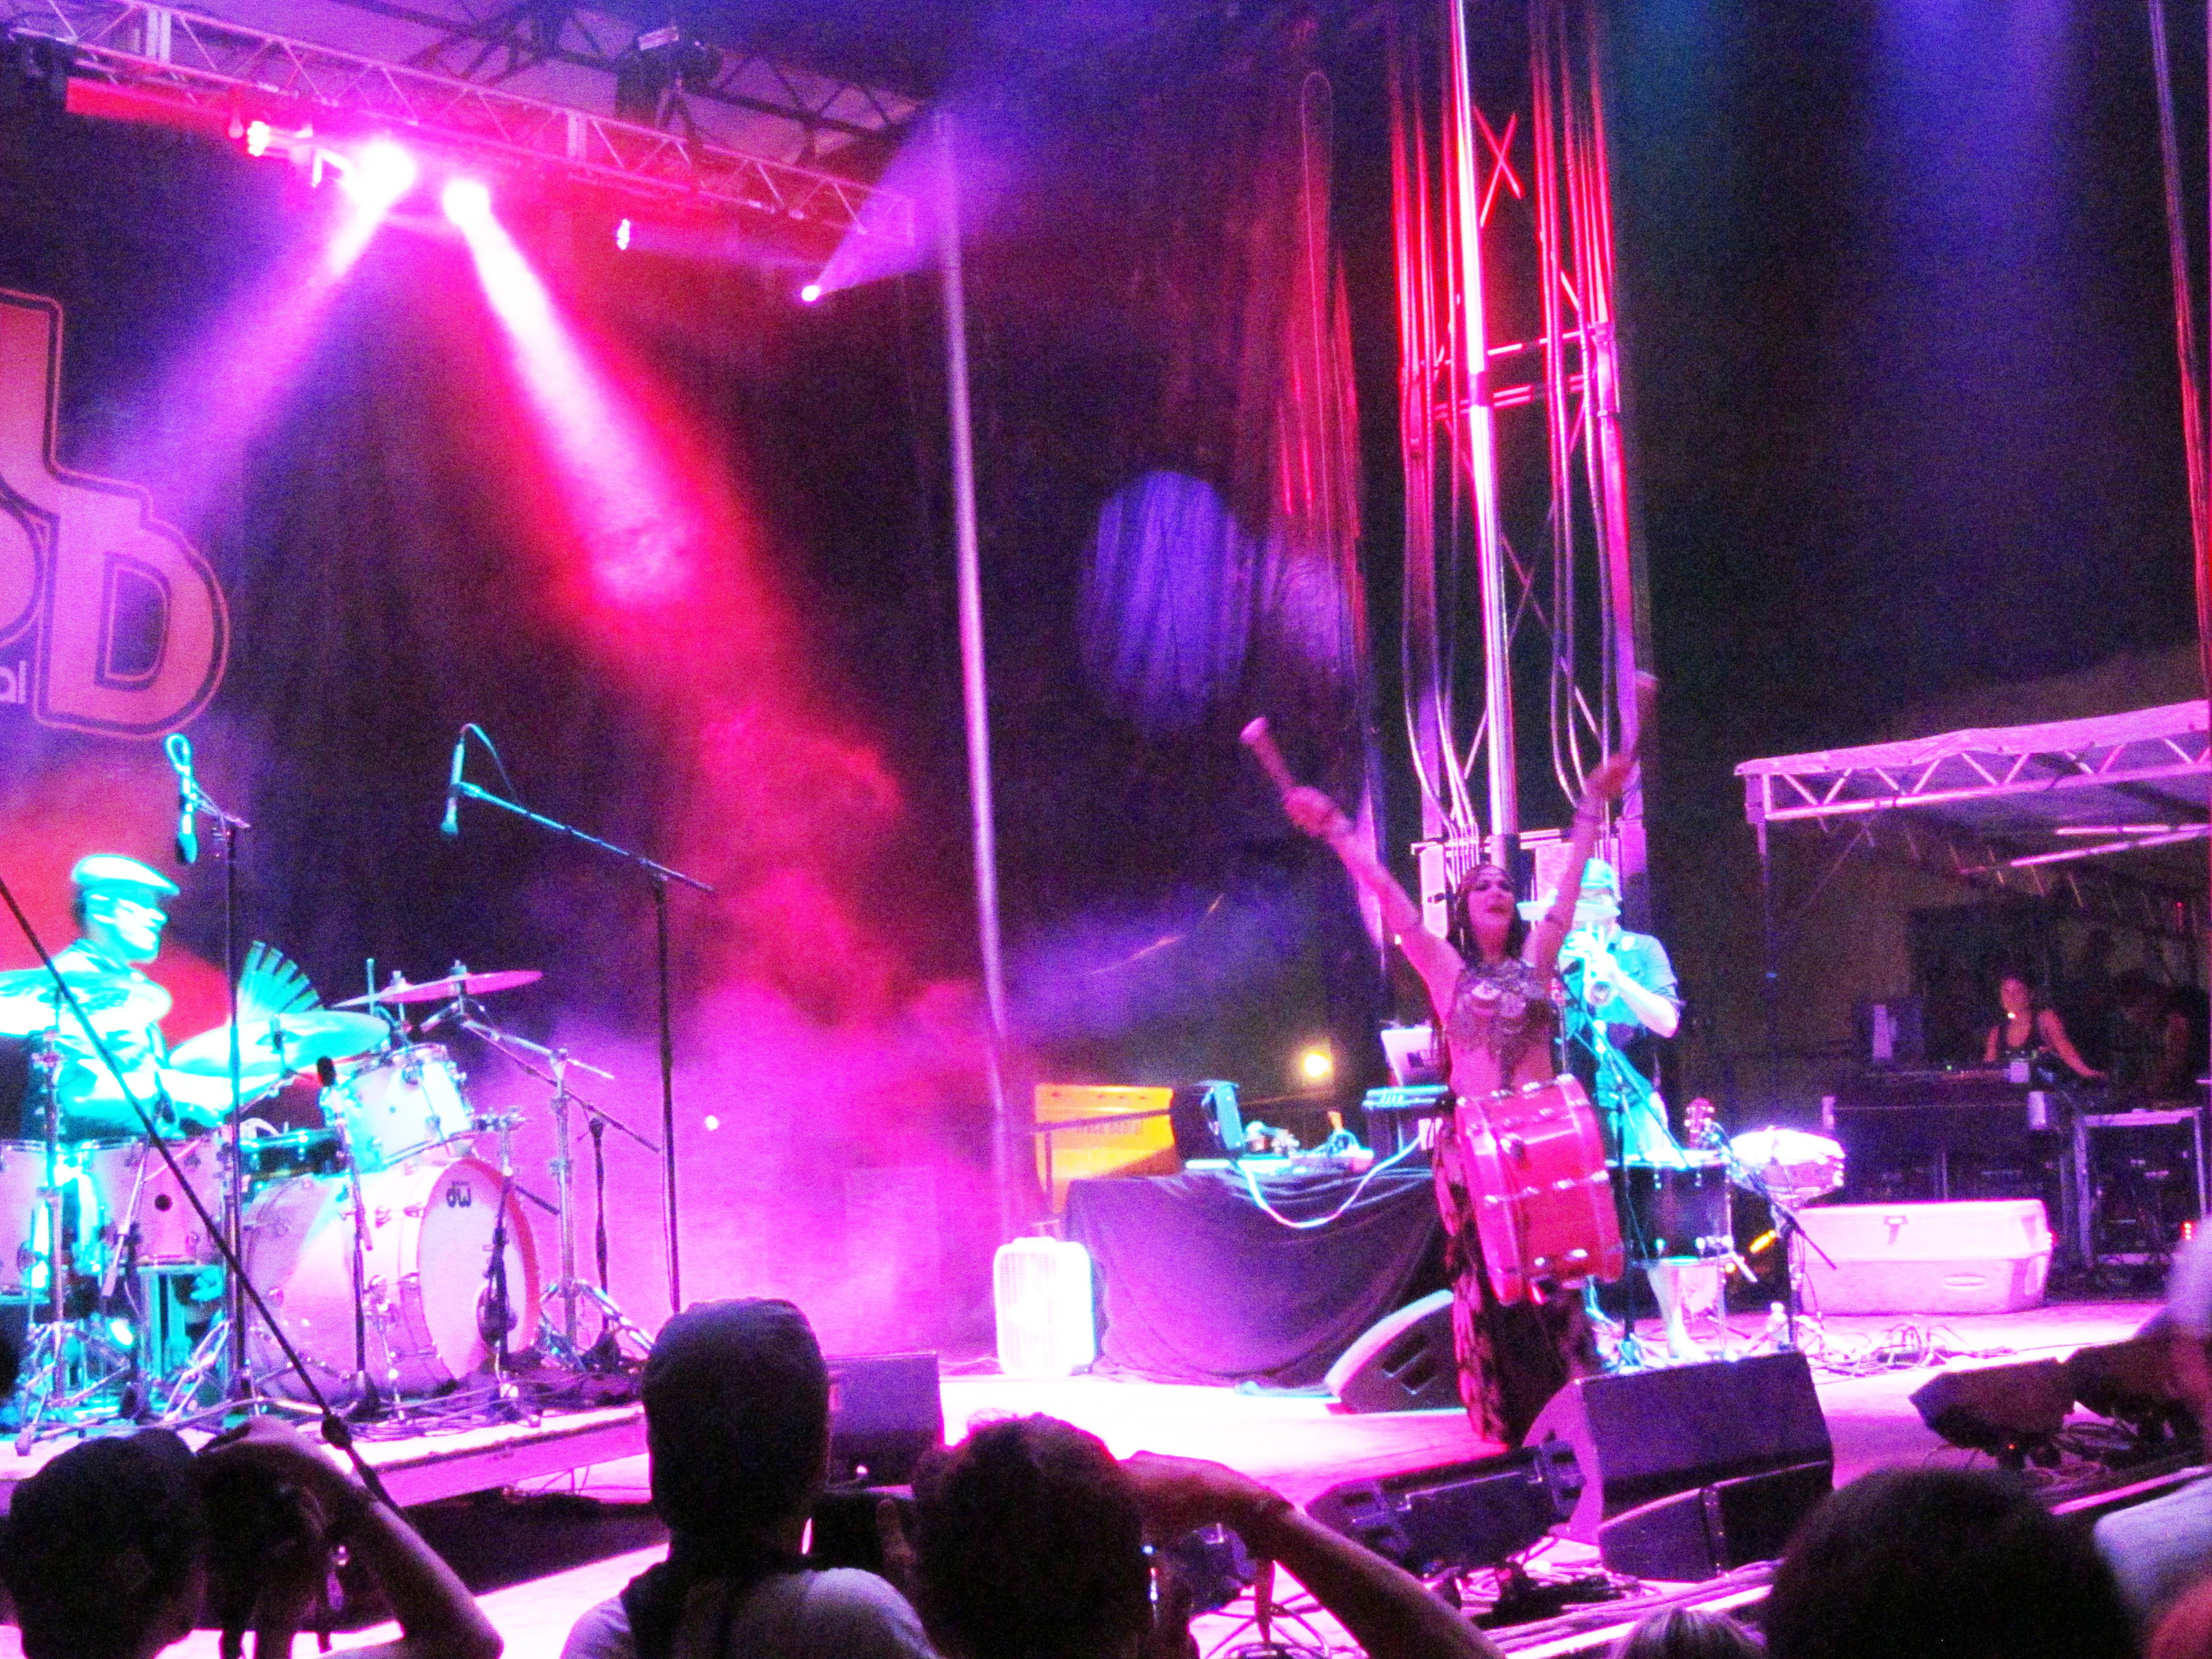 DubEra.com ... We Do Live Music